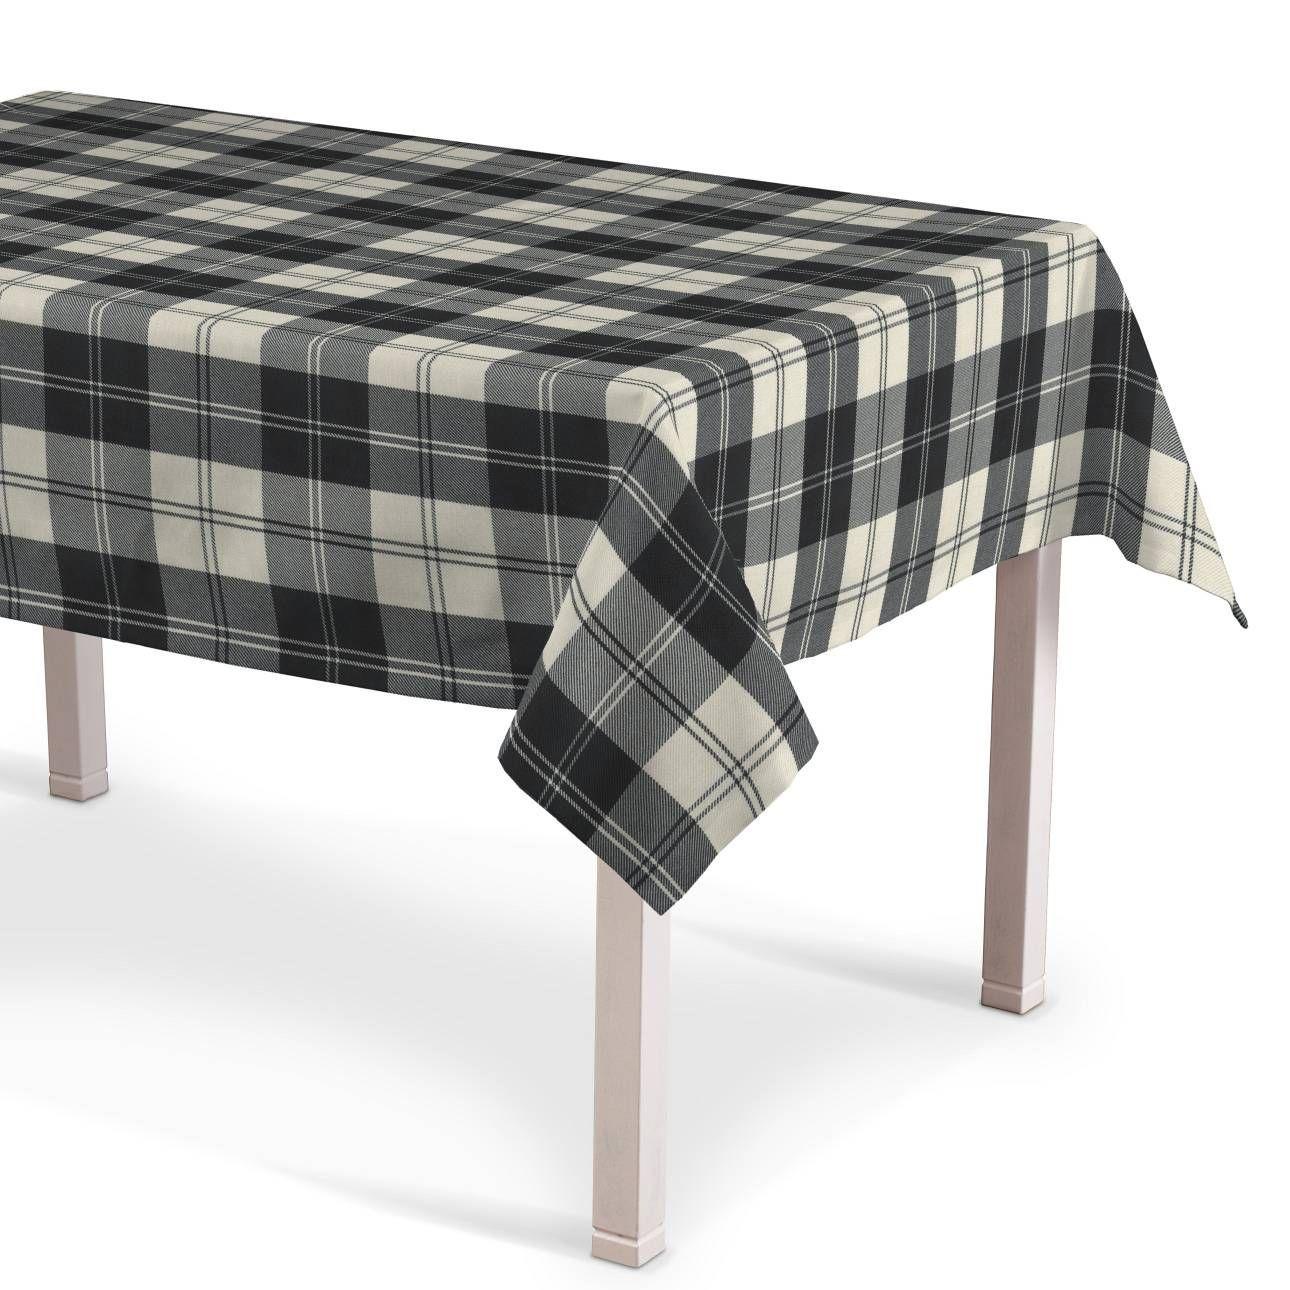 Tischdecke Rund Rot Tischlaufer Grun Organza Runde Duni Tischdecken 240 Cm Duni Tischdeckenrolle 40 M Creme